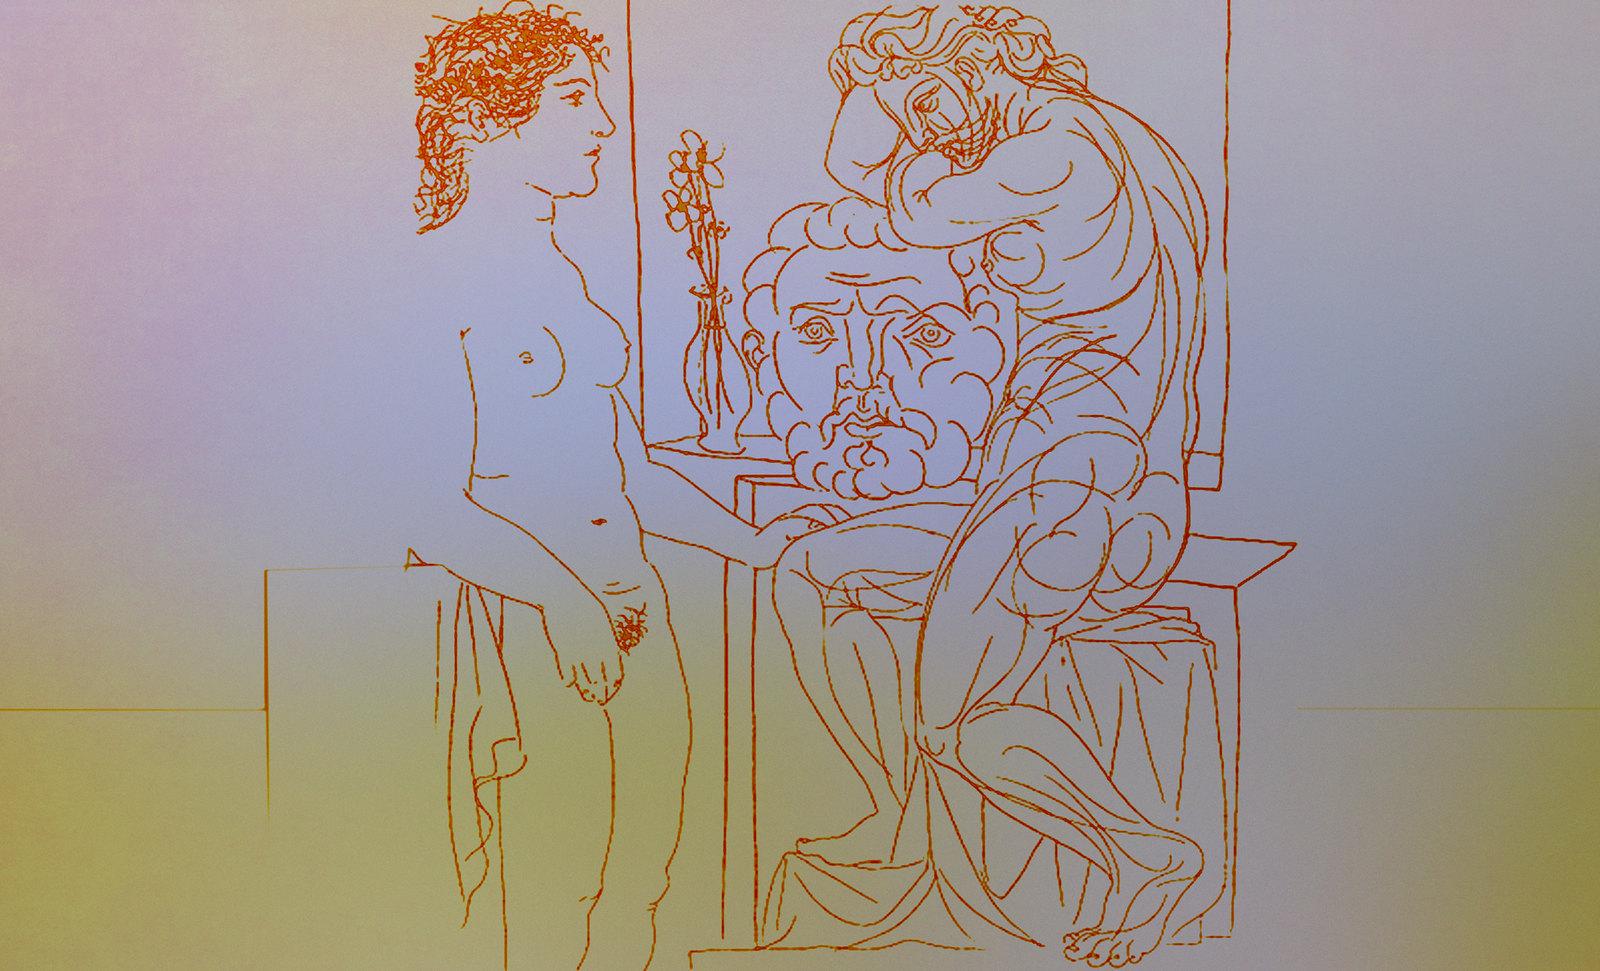 56Pablo Picasso